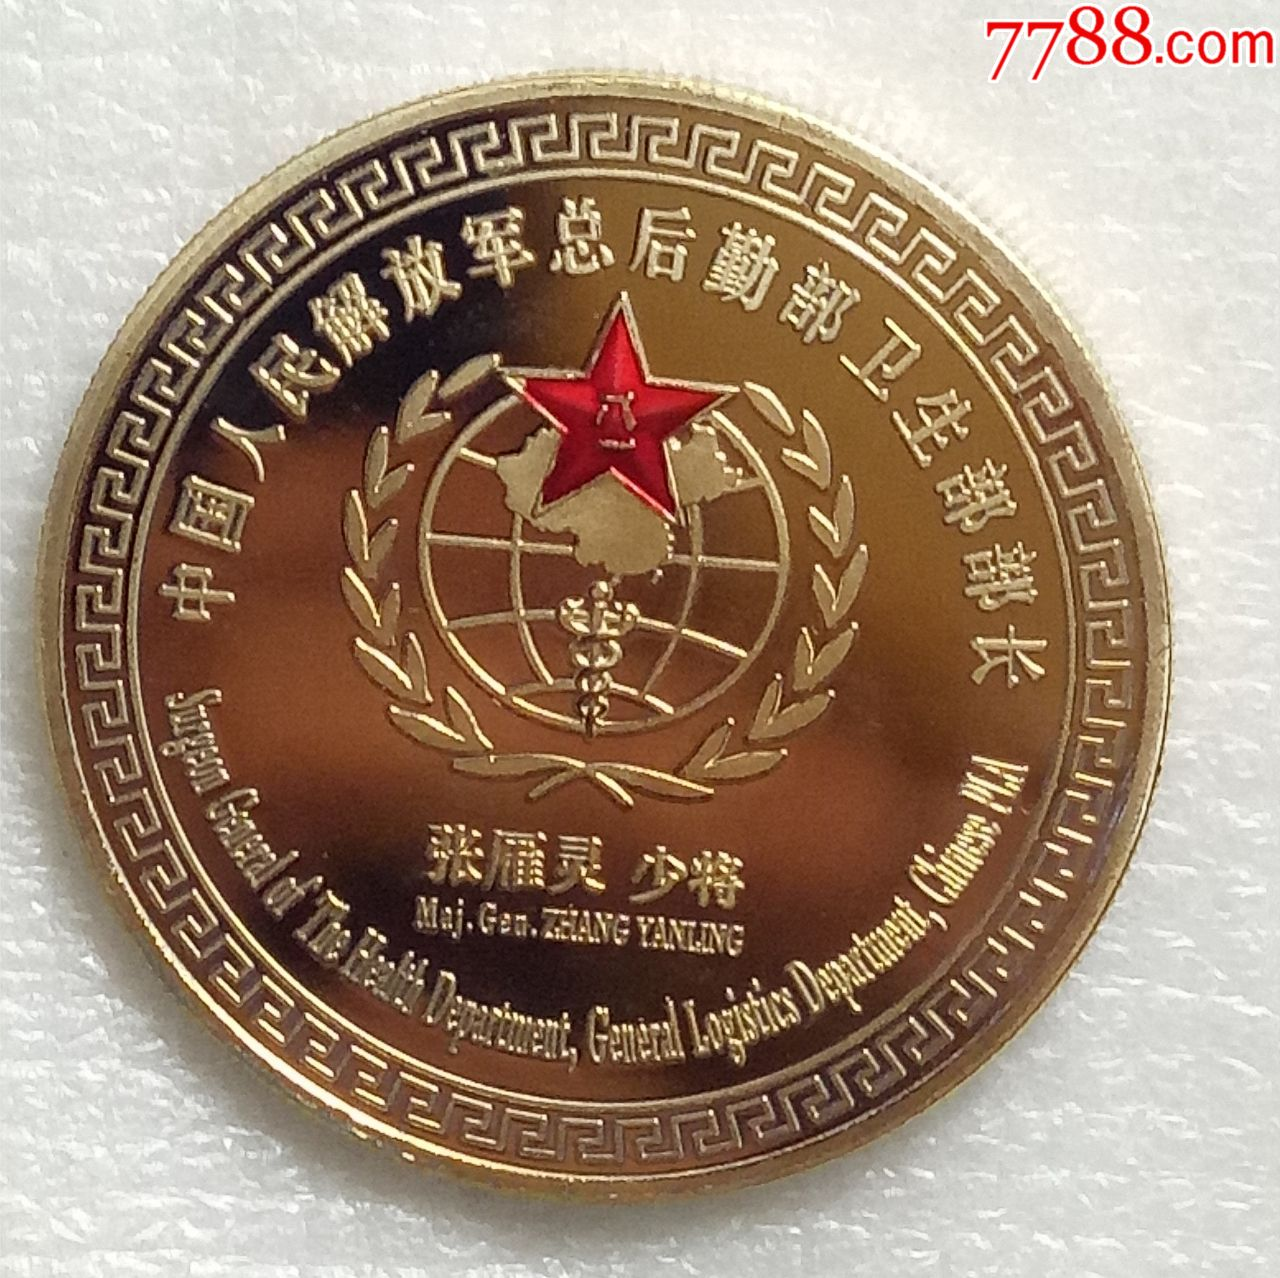 总后勤部领�9d#yce_中国人民解放军总后勤部卫生部部长***少将